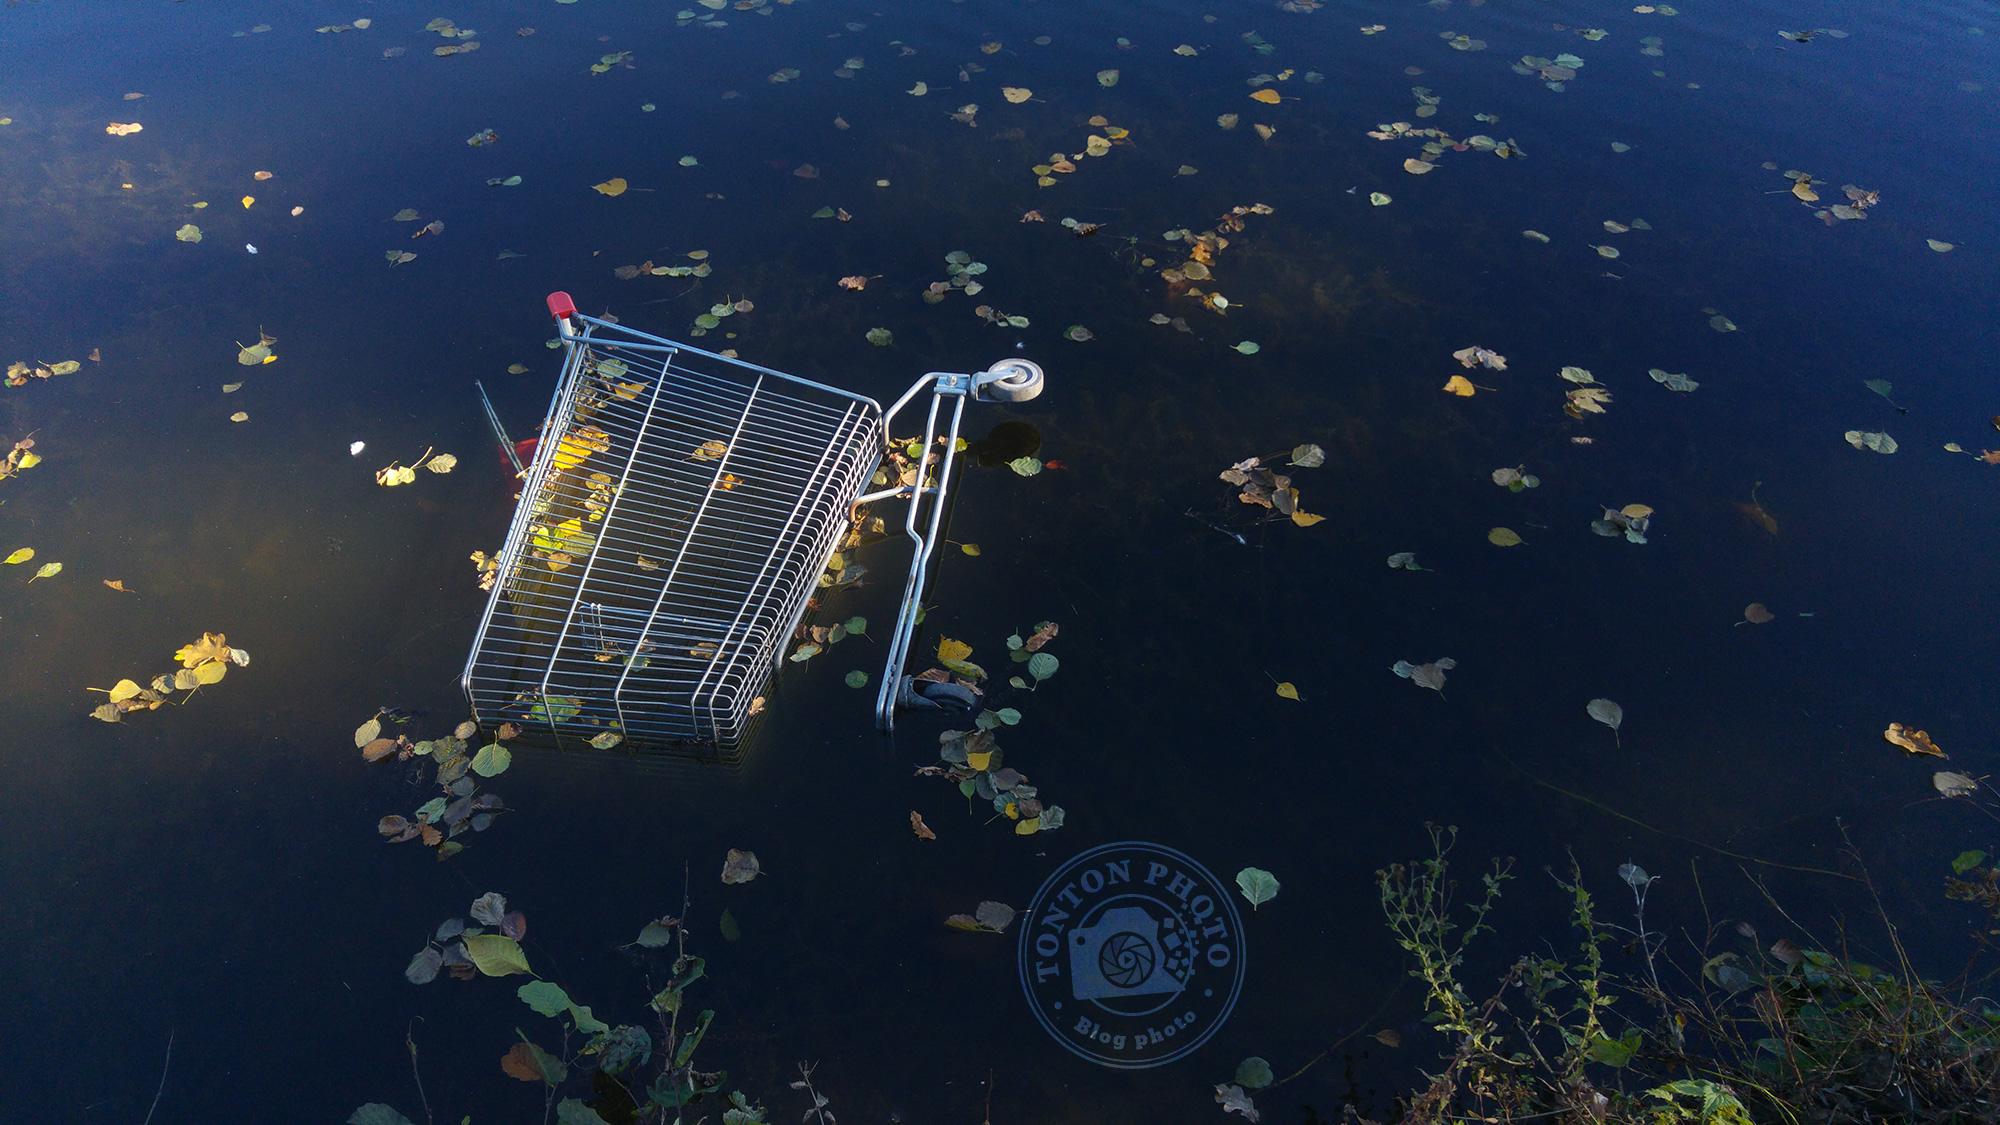 Test du photophone LG G4 : lumière de fin de journée automnale sur un caddie jeté à l'eau. F/1.8 - 1/500 - ISO 100 © Clément Racineux / Tonton Photo